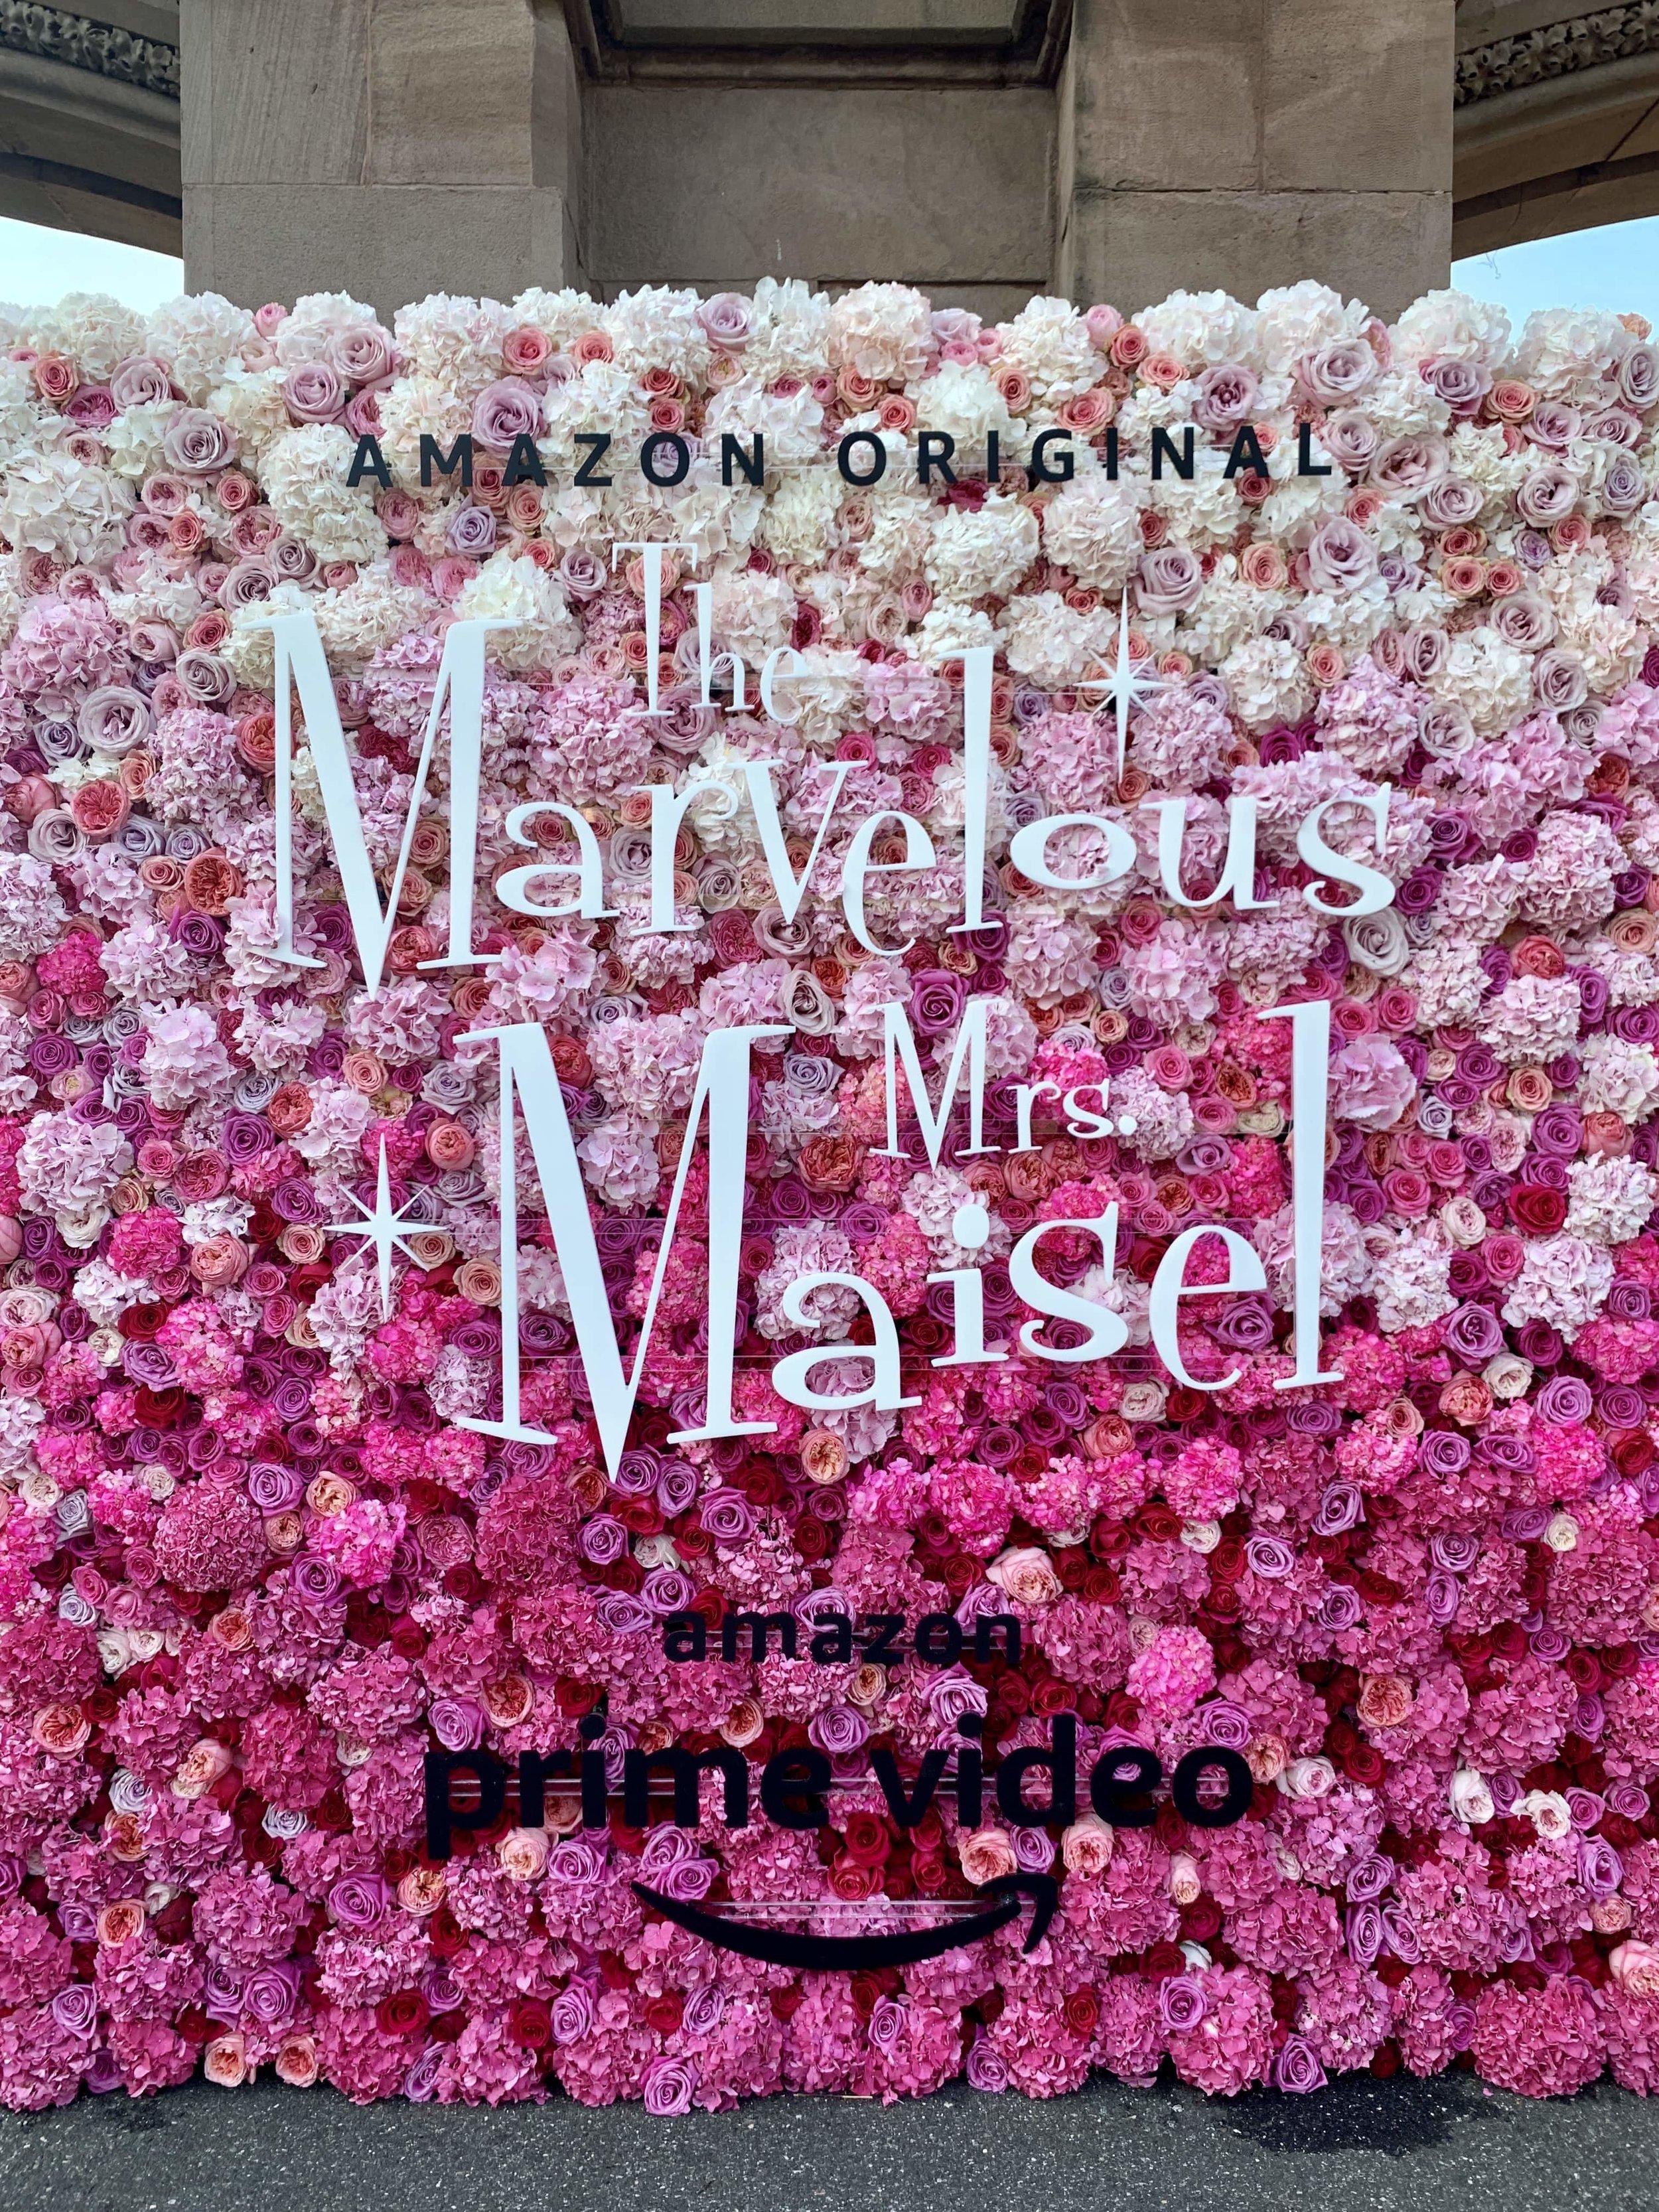 The Marvelous Mrs. Maisel Flower Wall